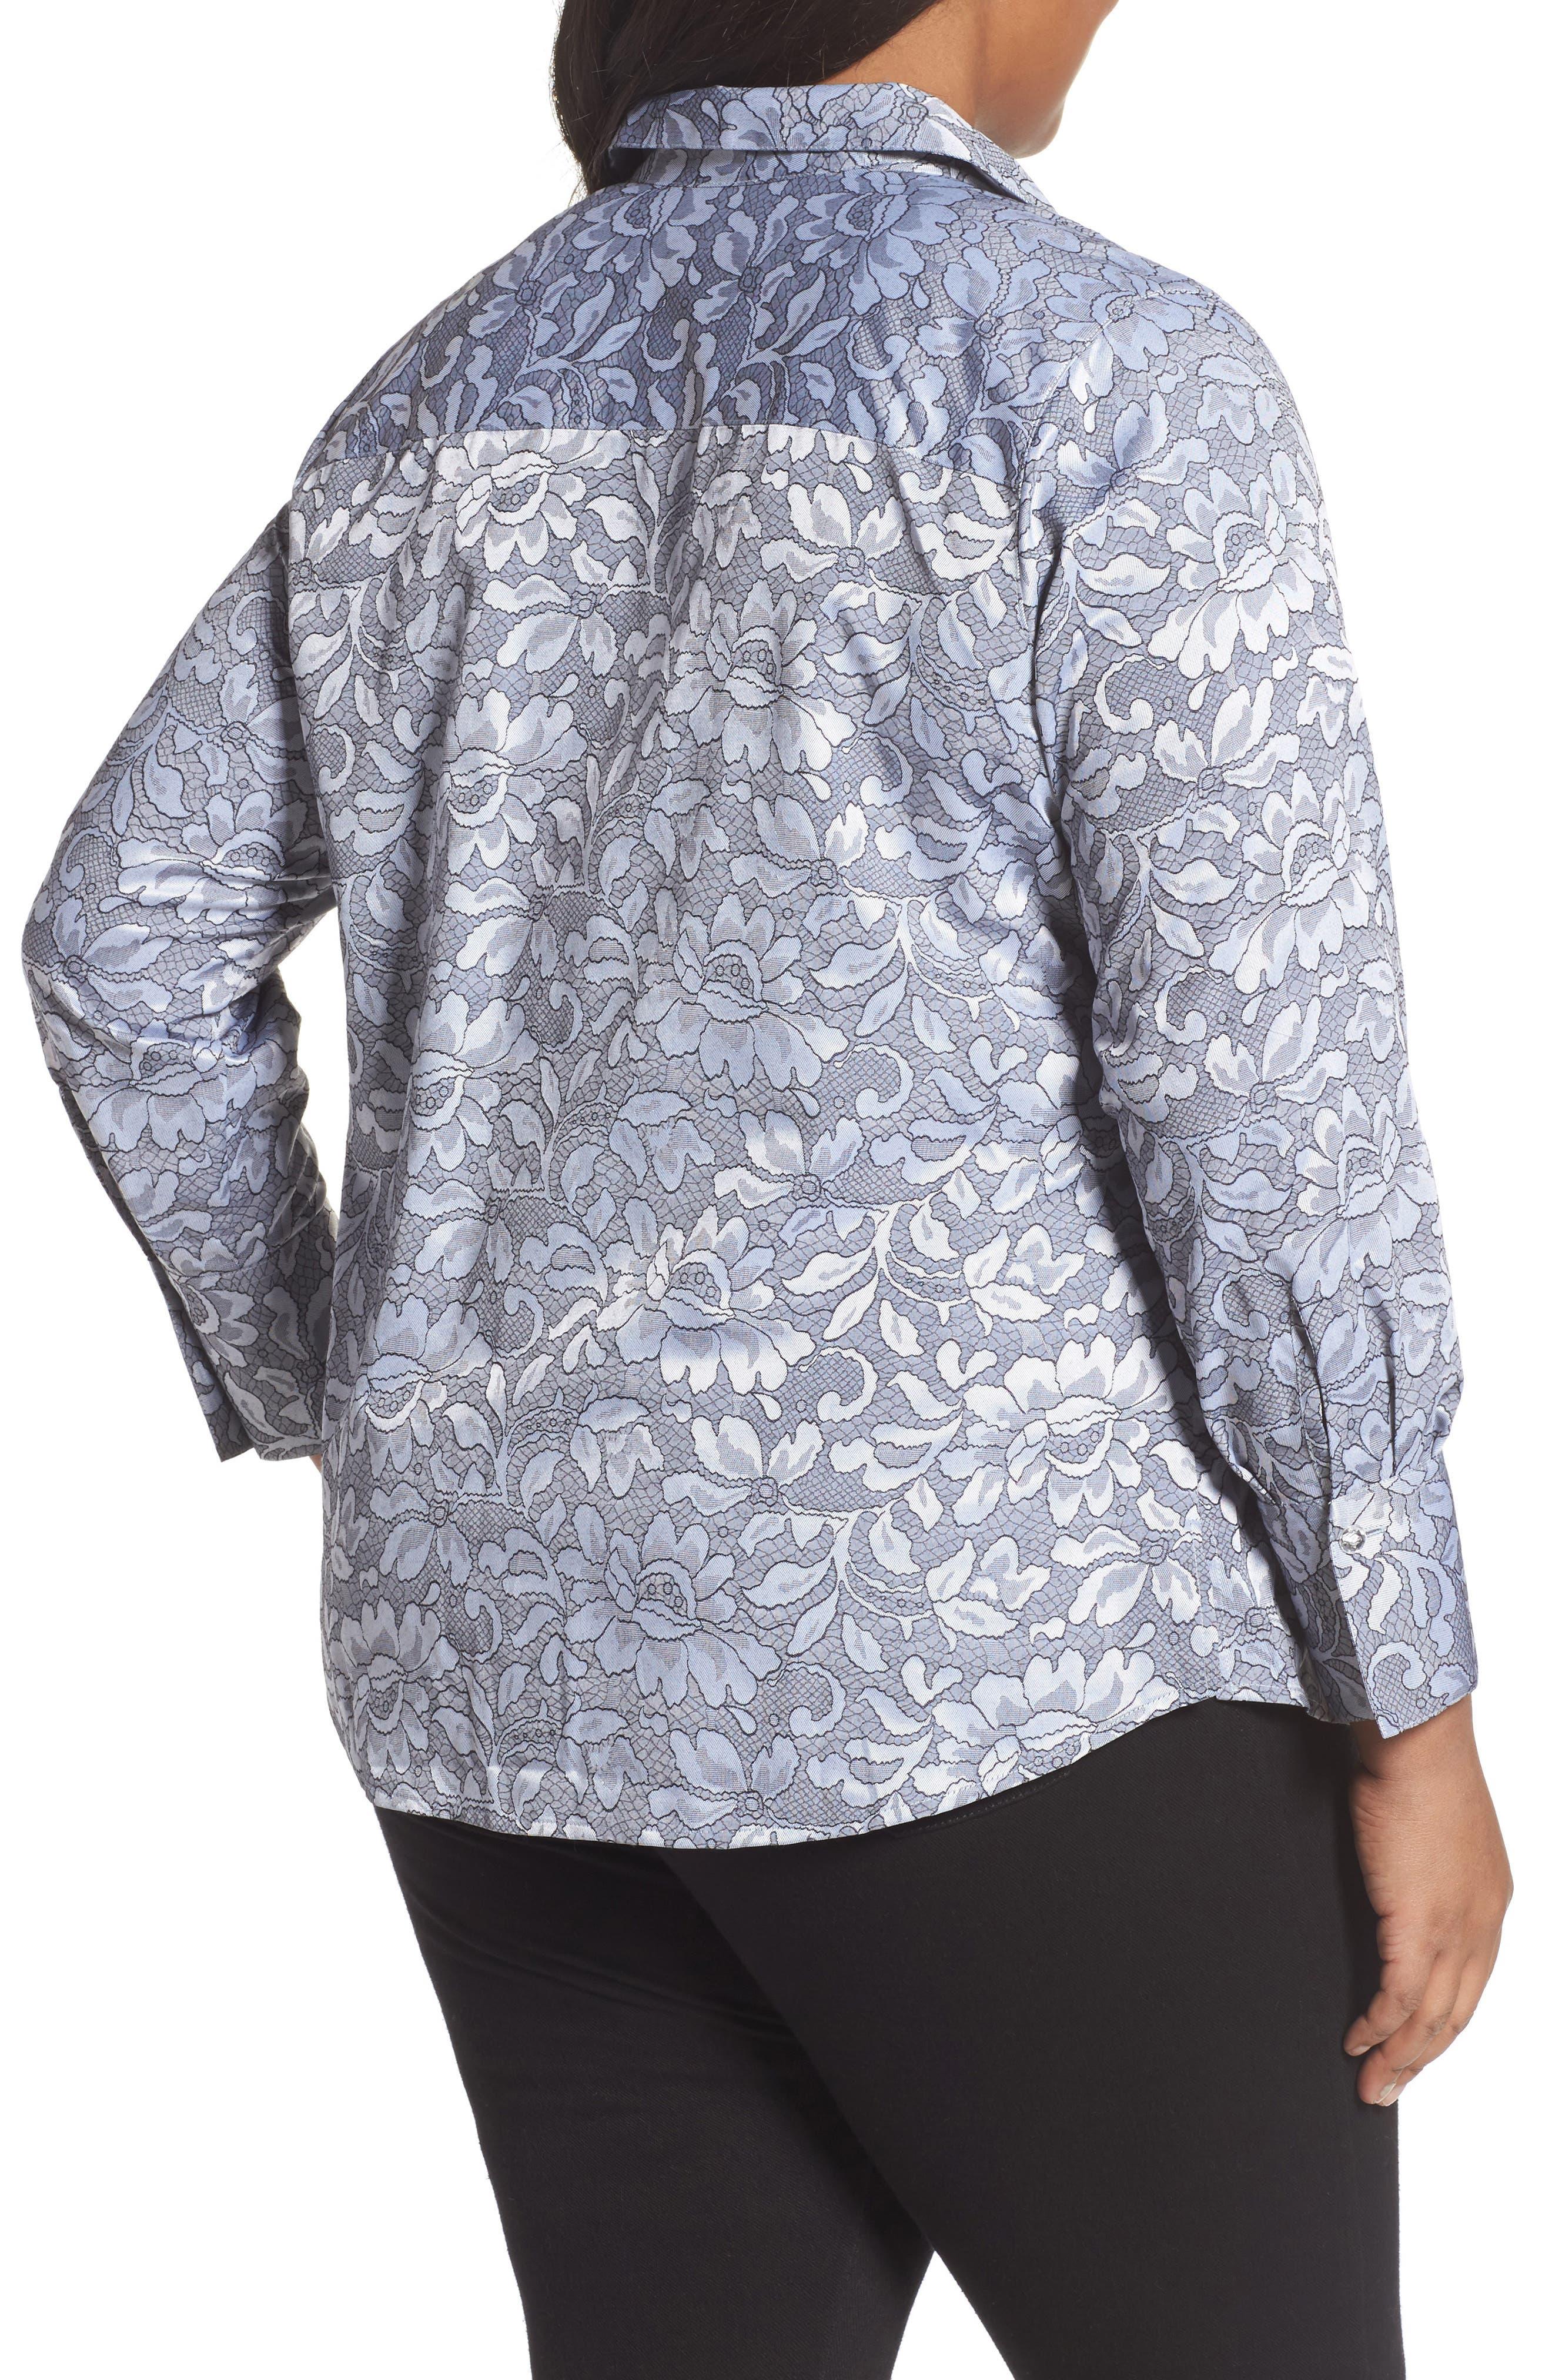 Rhonda Lace Jacquard Shirt,                             Alternate thumbnail 2, color,                             Slate